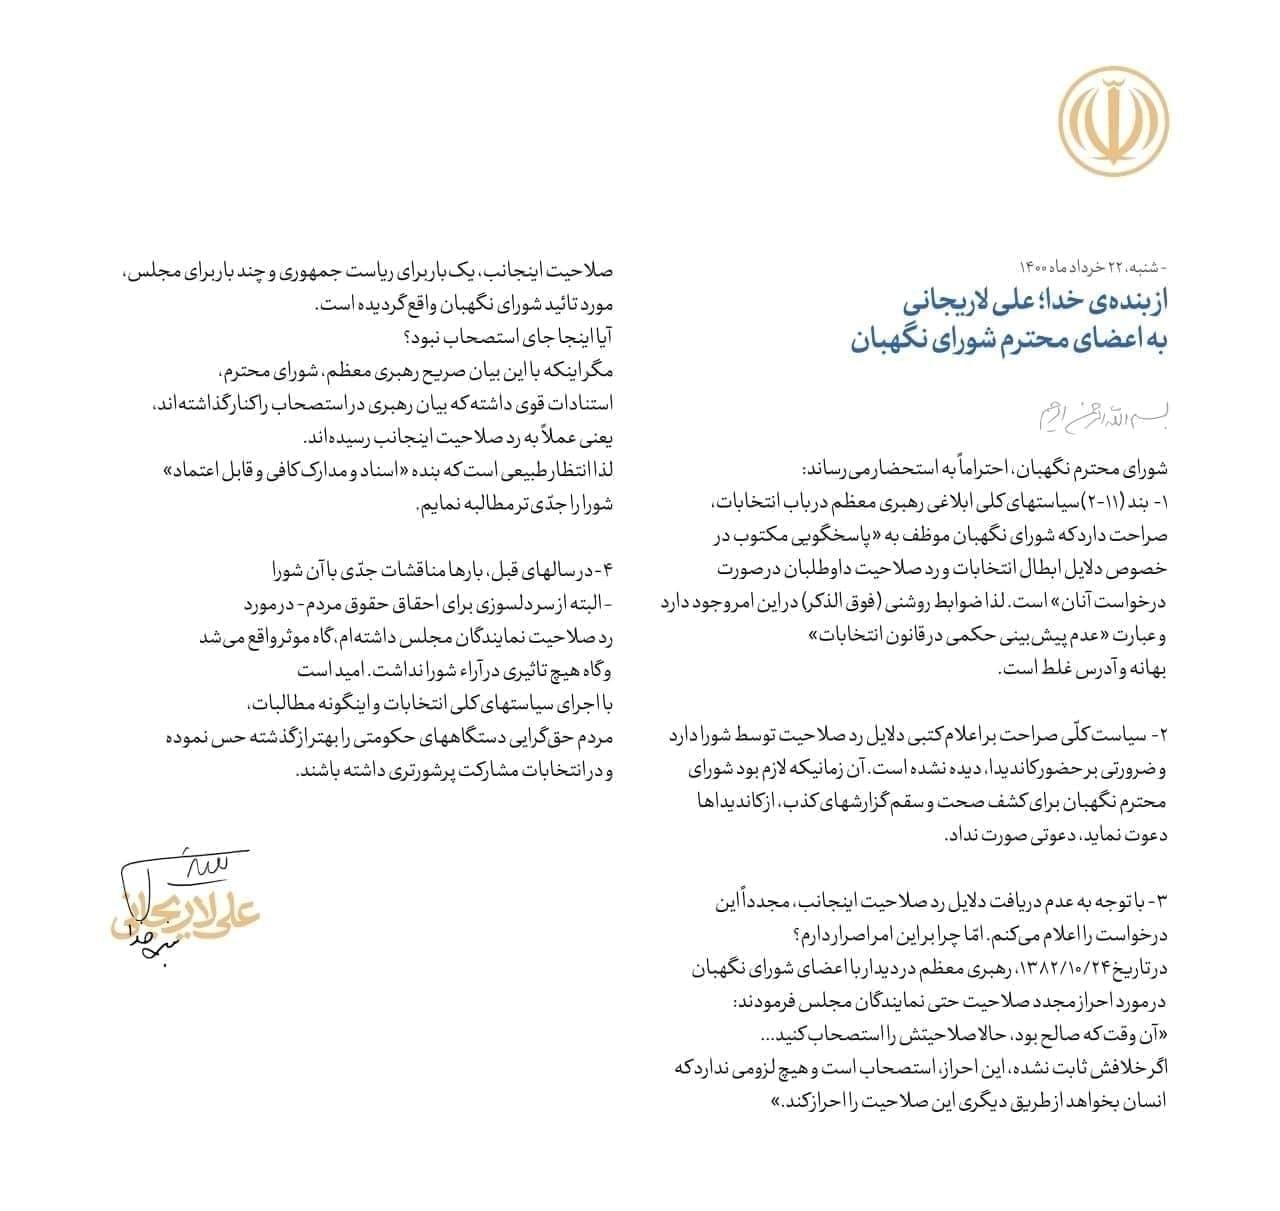 بیانیه دوم لاریجانی در پاسخ به سخنگوی شورای نگهبان